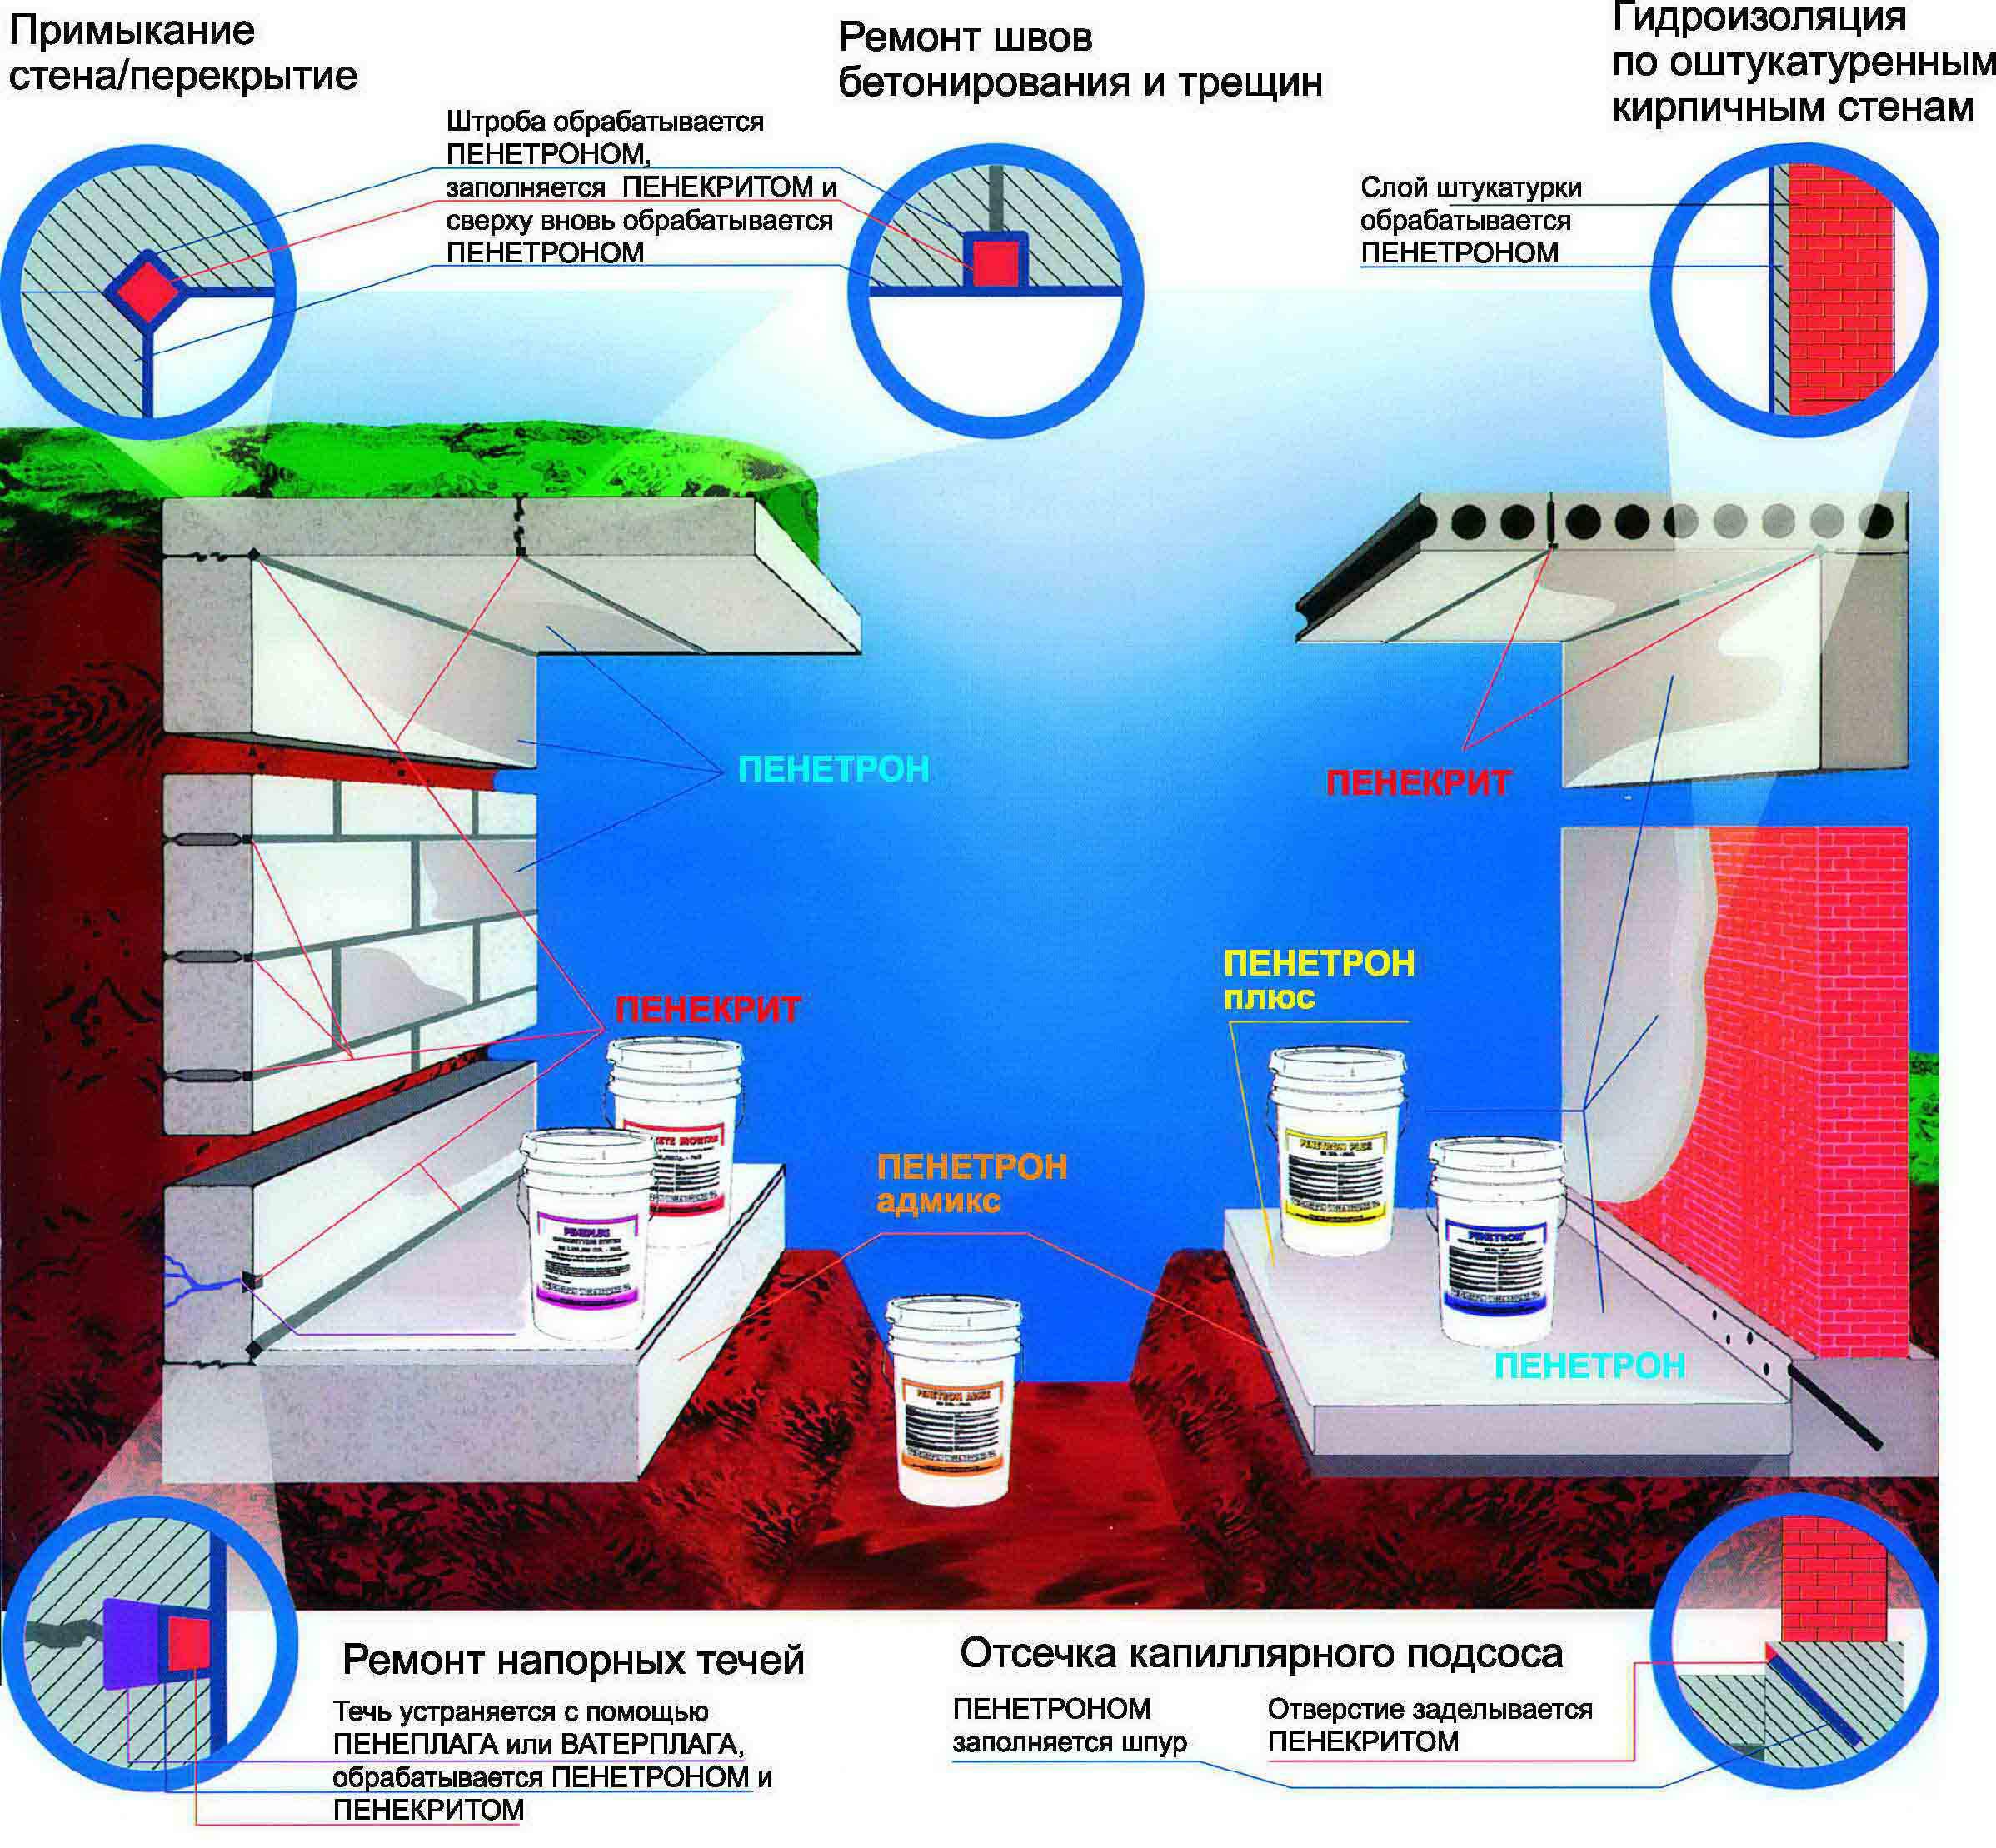 Жидкая гидроизоляция проникающего действия Пенетрон